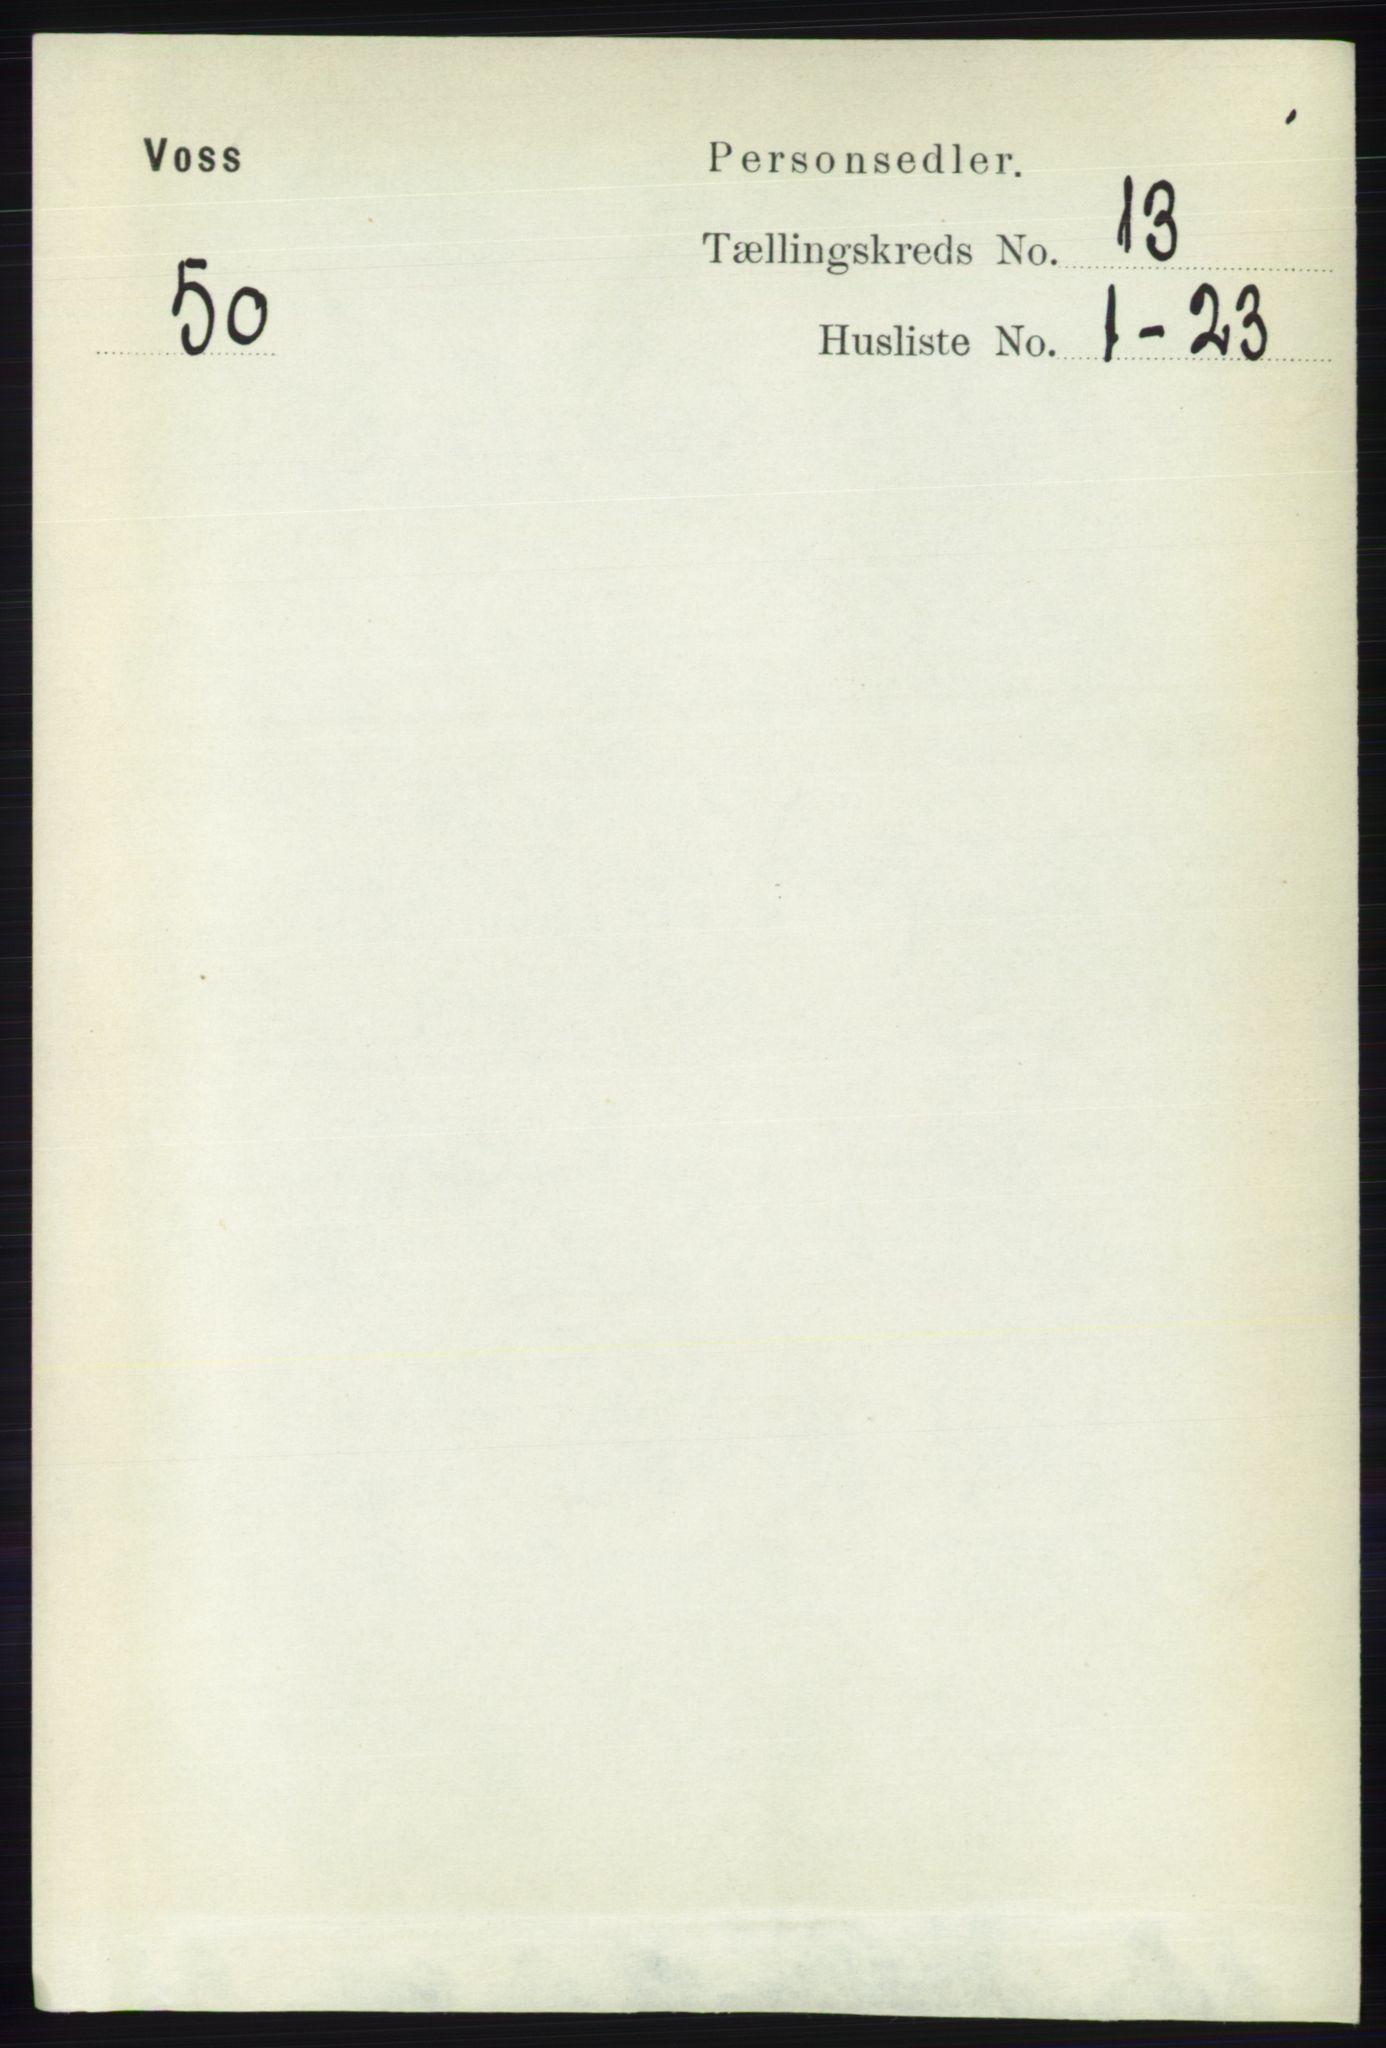 RA, Folketelling 1891 for 1235 Voss herred, 1891, s. 6887